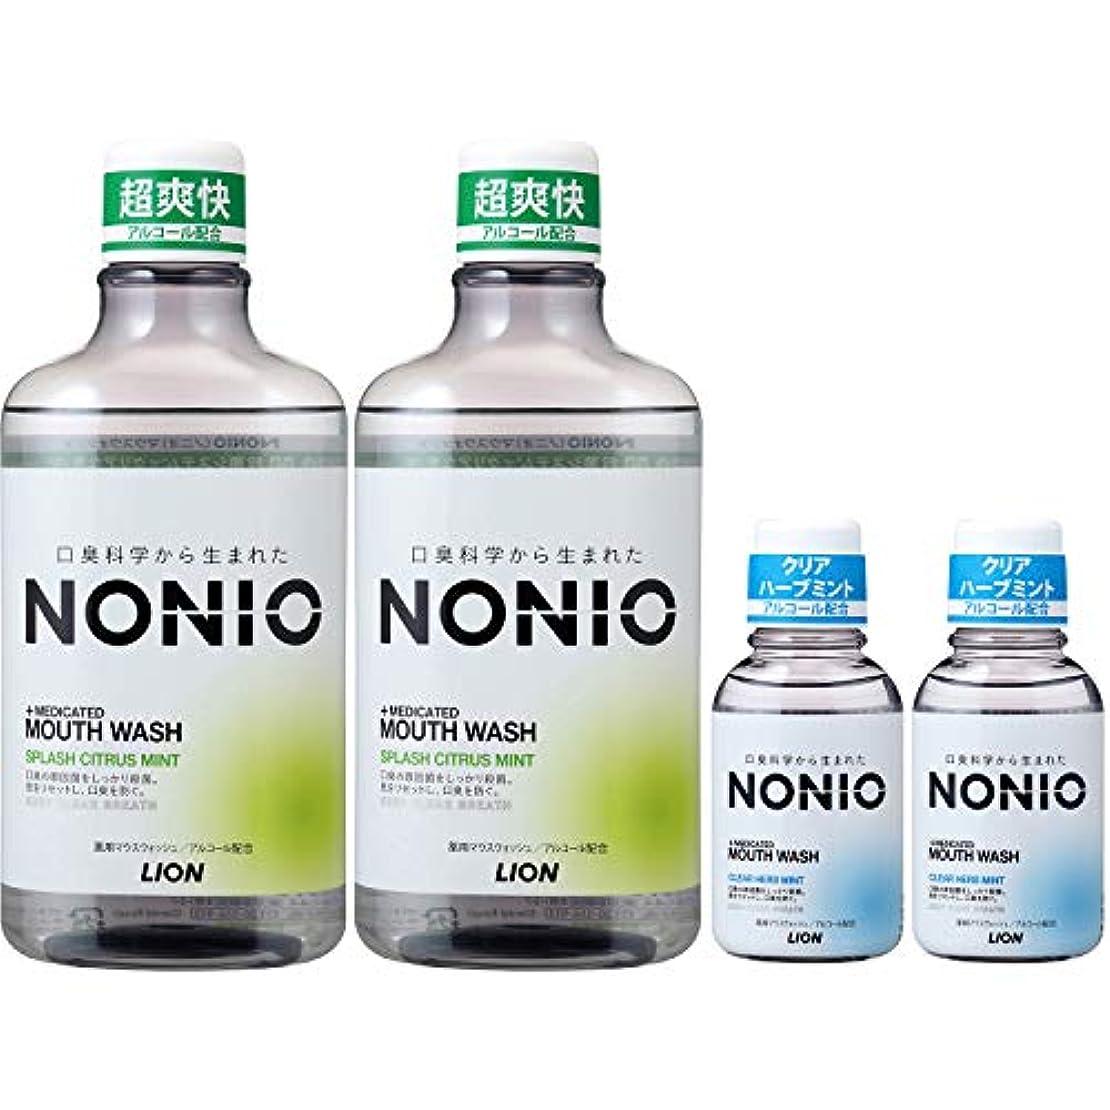 足音バン可塑性[医薬部外品]NONIO マウスウォッシュ スプラッシュシトラスミント 600ml×2個 洗口液+ミニリンス80ml×2個